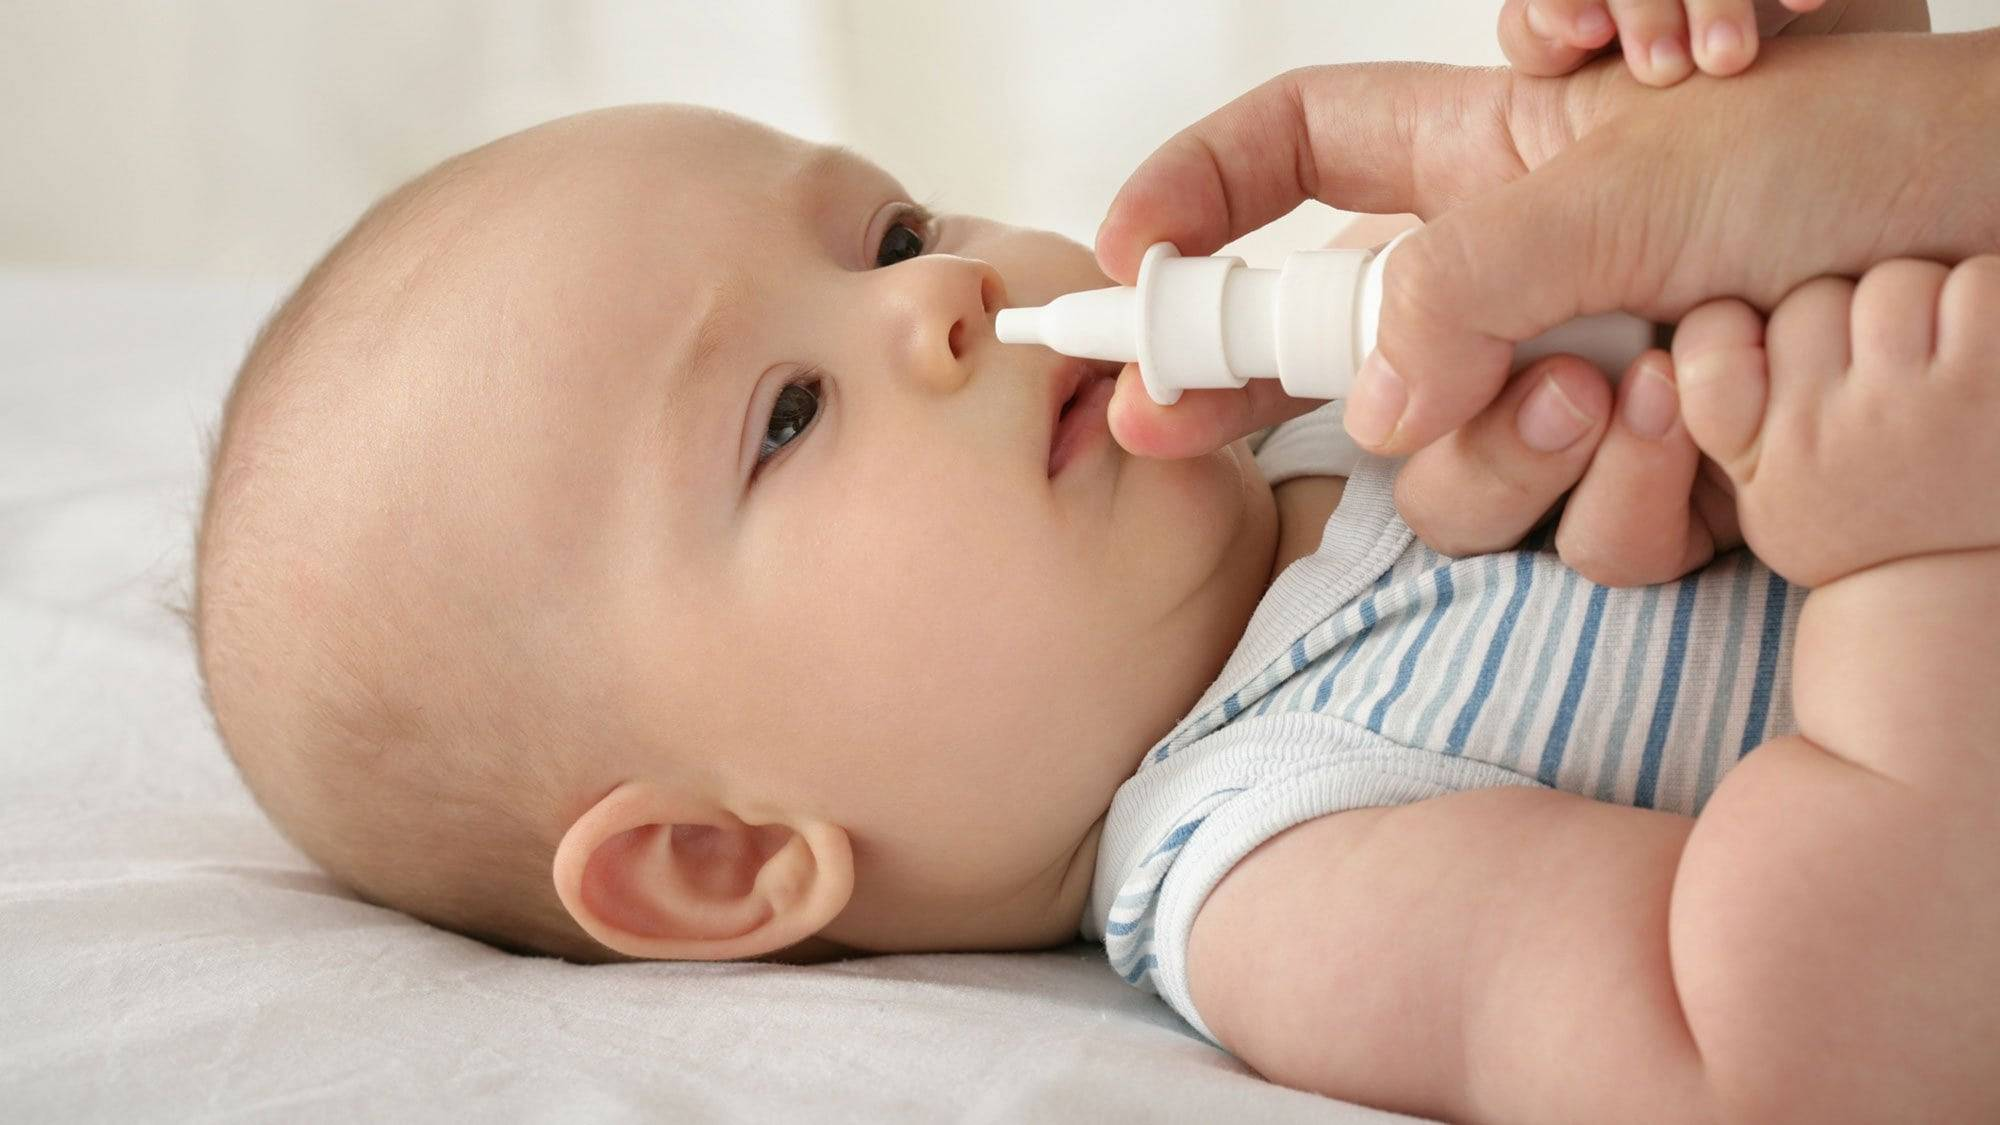 Физиологический ринит у новорожденного: основные симптомы недомогания малыша. что стоит предпринять родителям, чтобы облегчить состояние младенца?